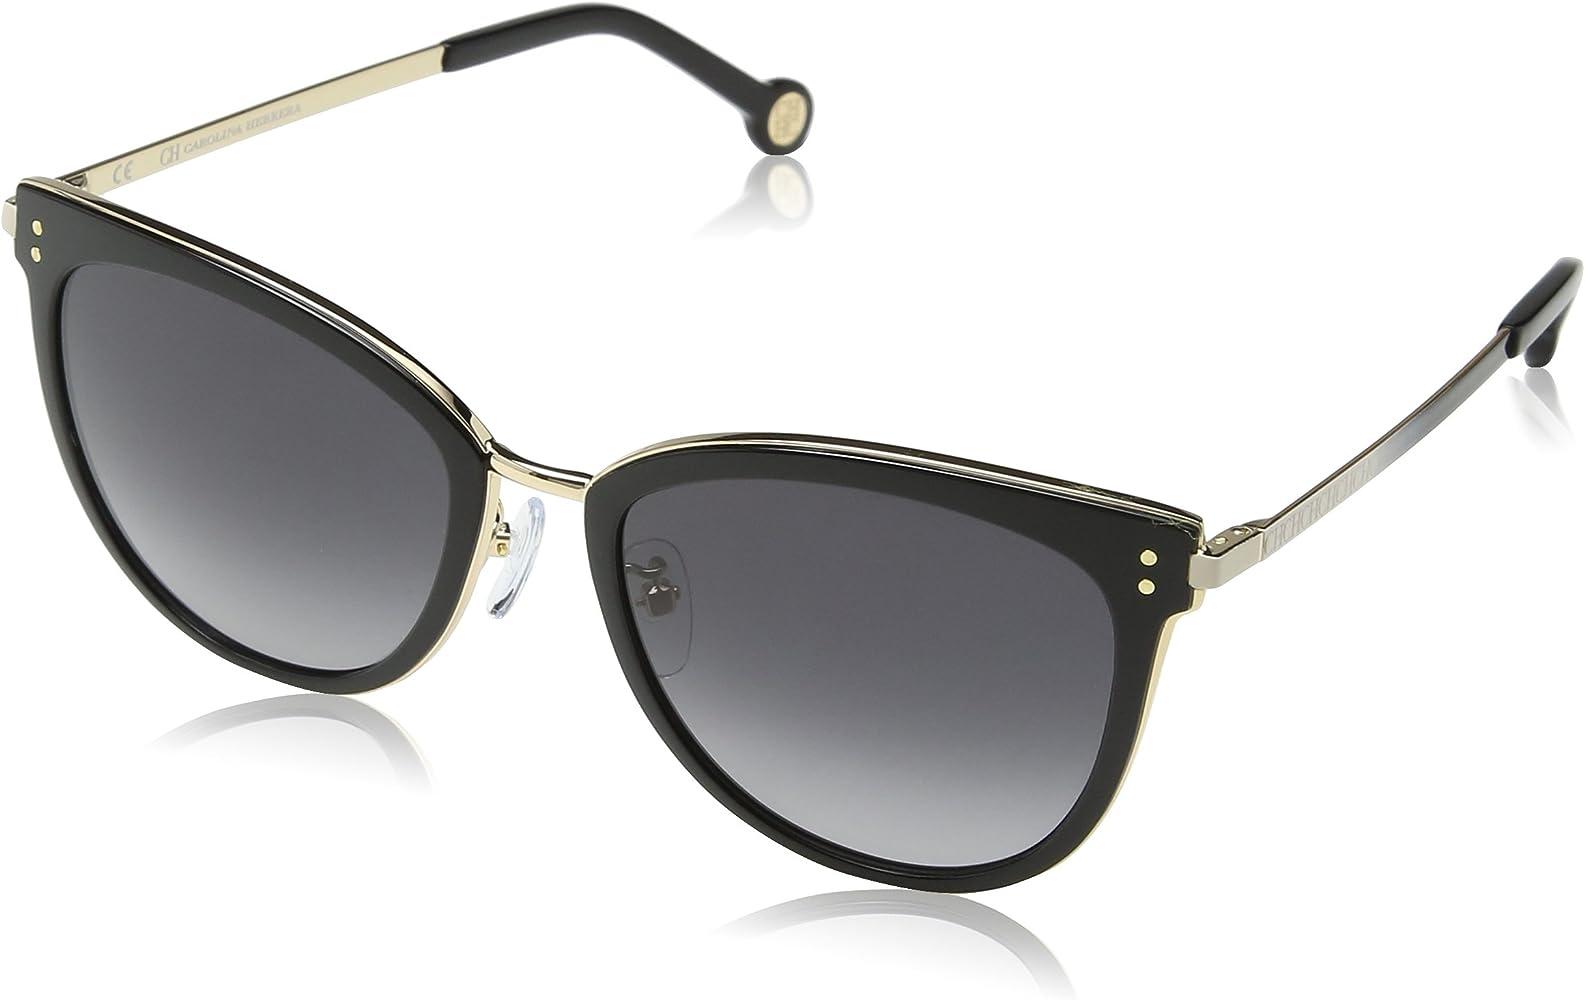 Carolina Herrera Mujer SHE102 Gafas de sol, Dorado (Shiny Rose Gold): Amazon.es: Ropa y accesorios